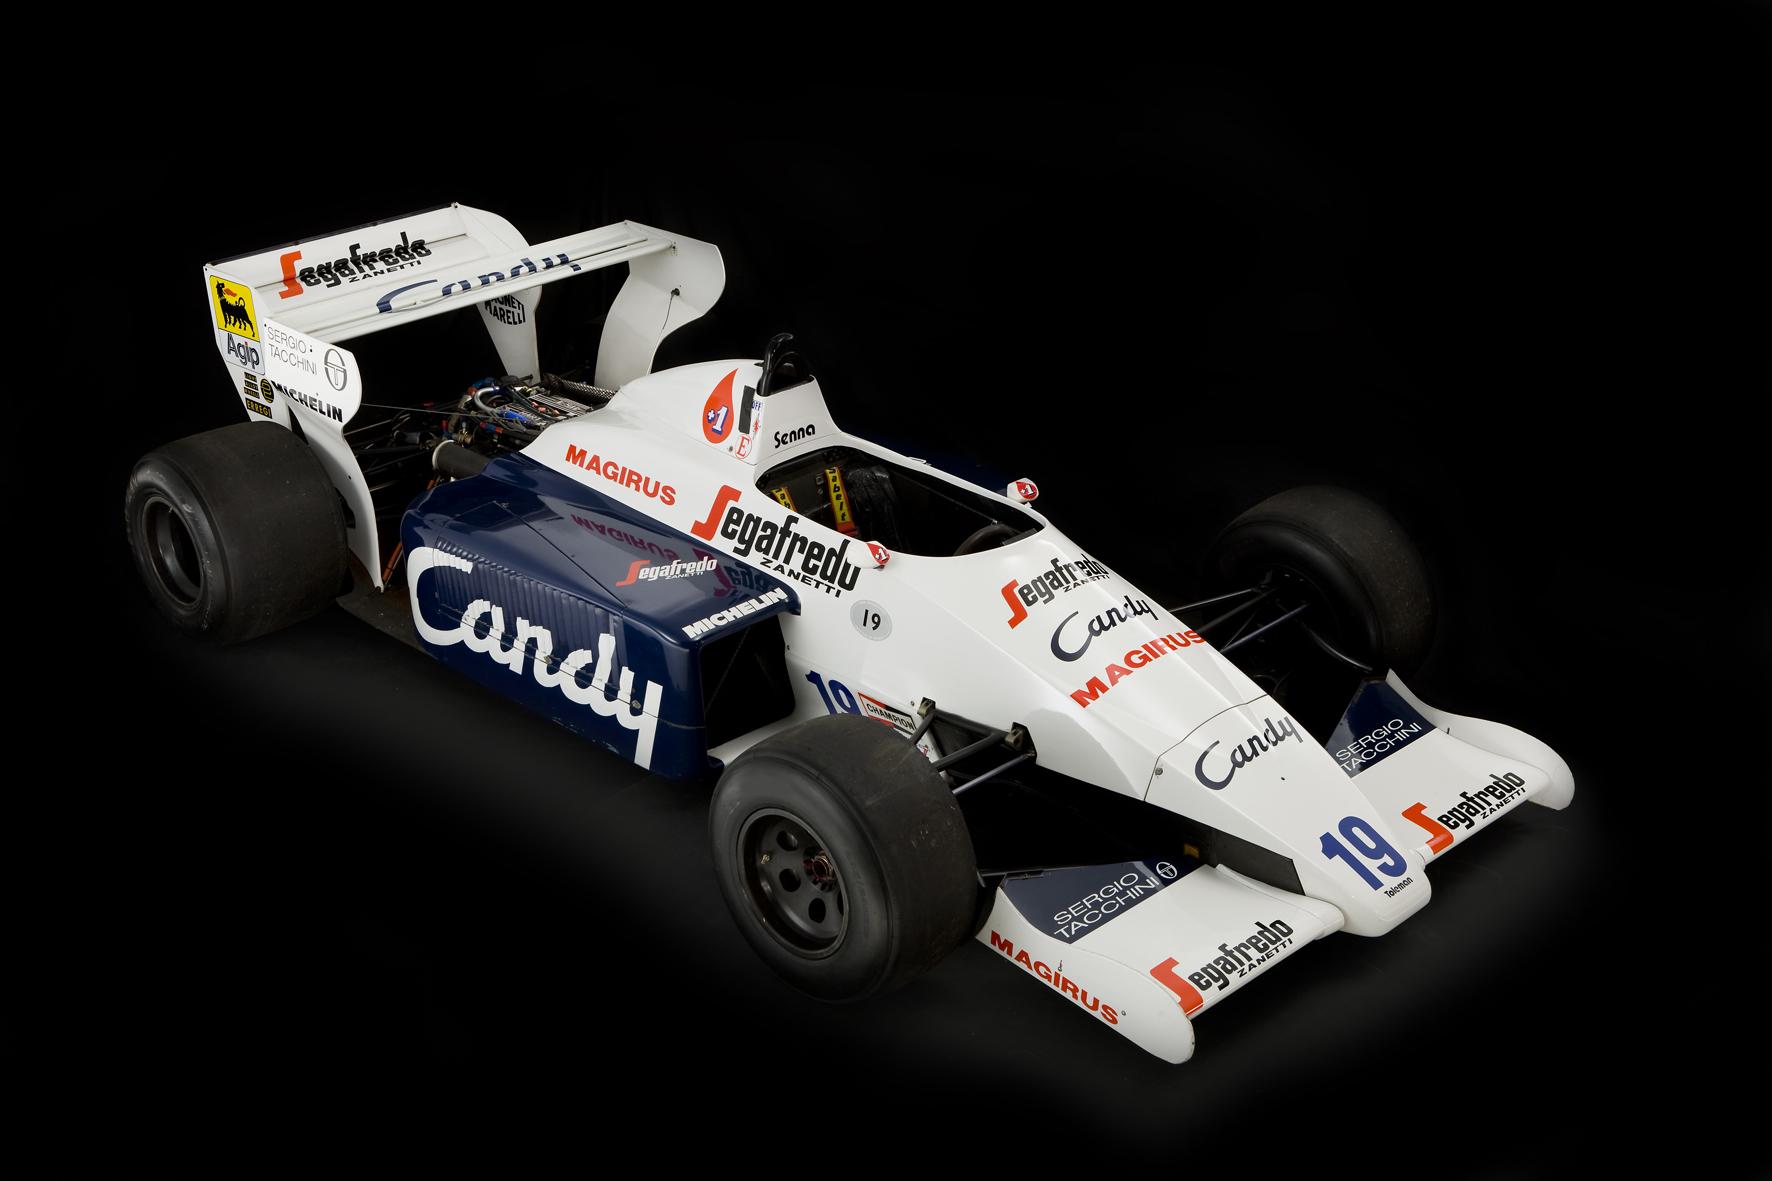 Aryton Senna Toleman F1